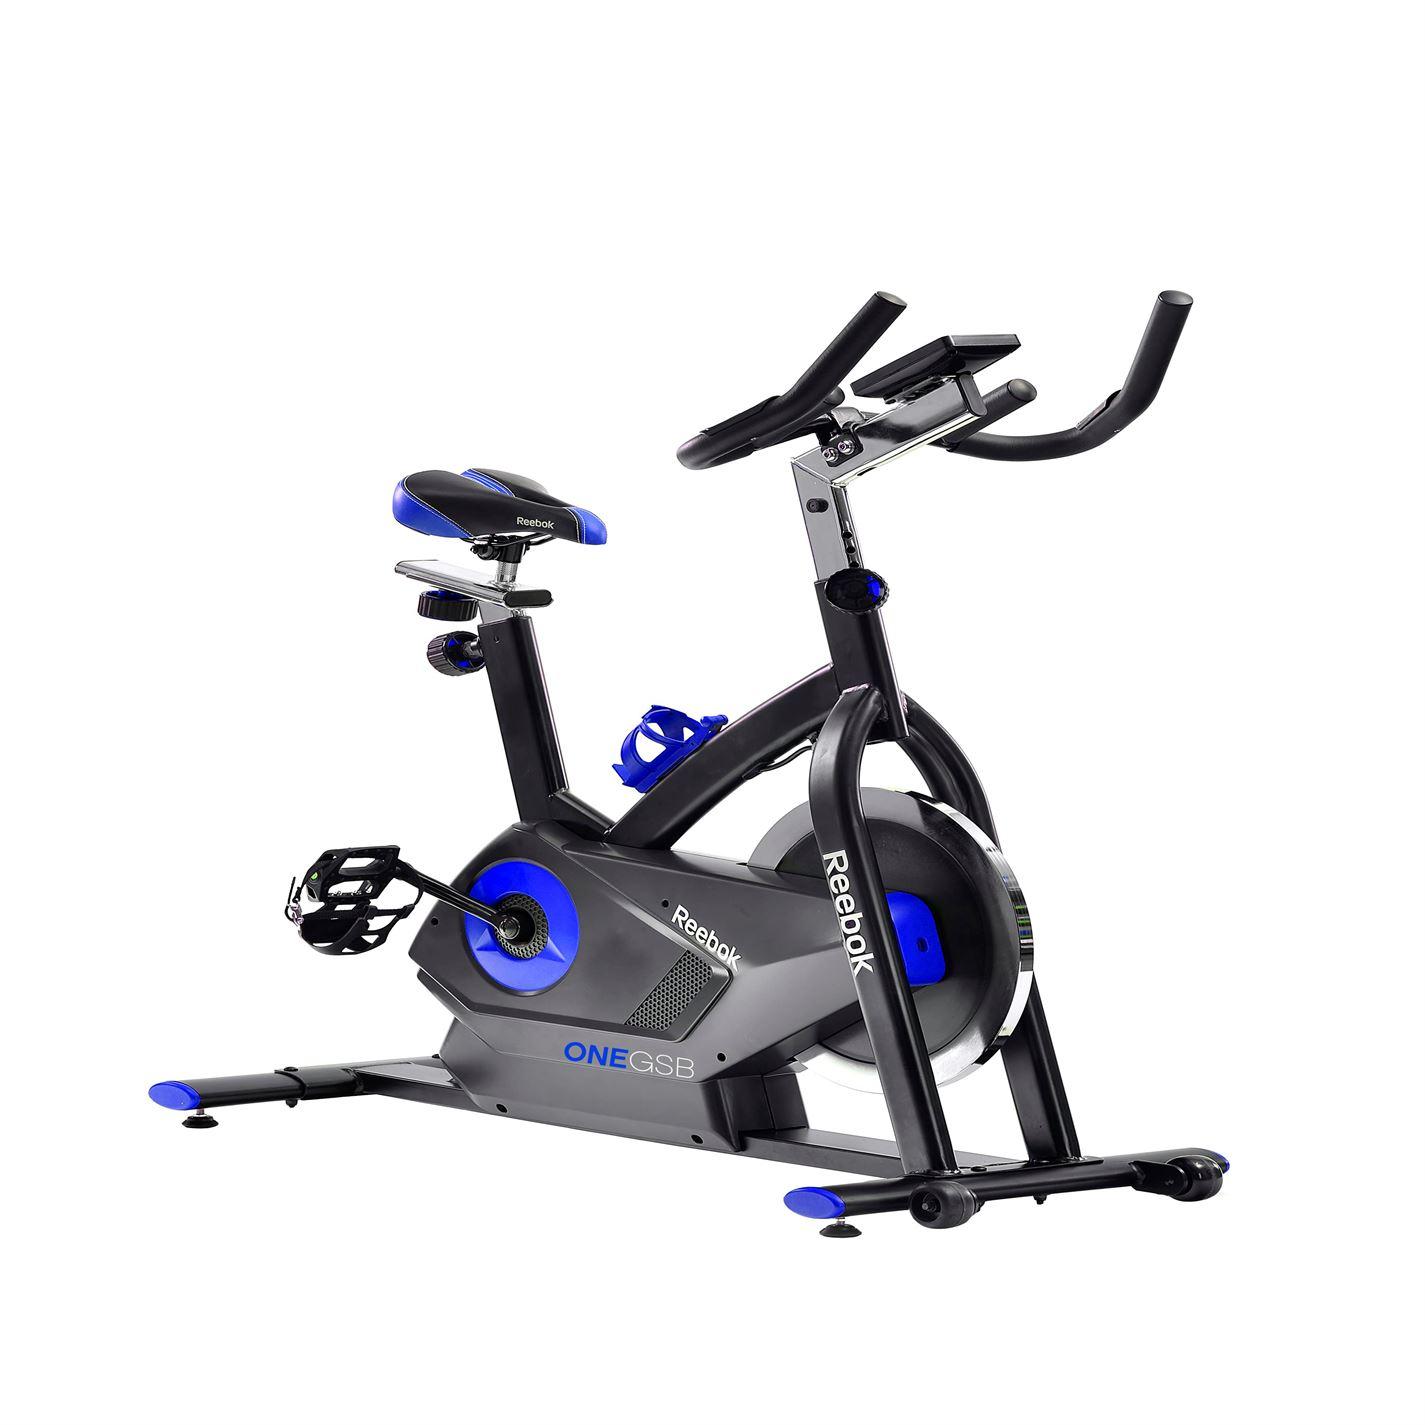 Reebok GSB One Series Indoor Exercise Bike